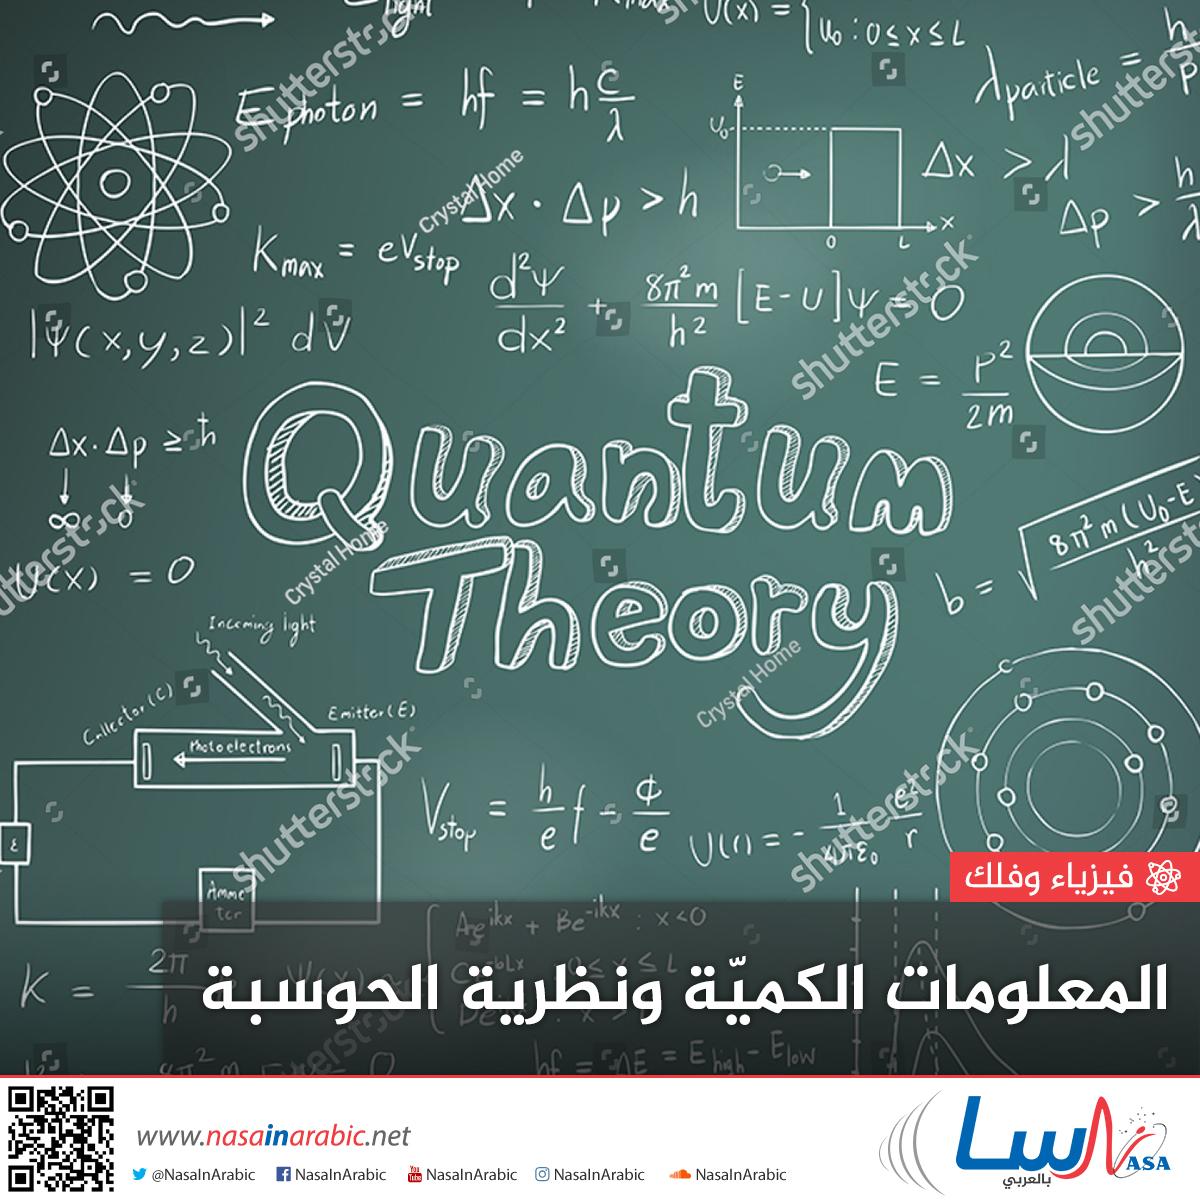 المعلومات الكمية ونظرية الحوسبة